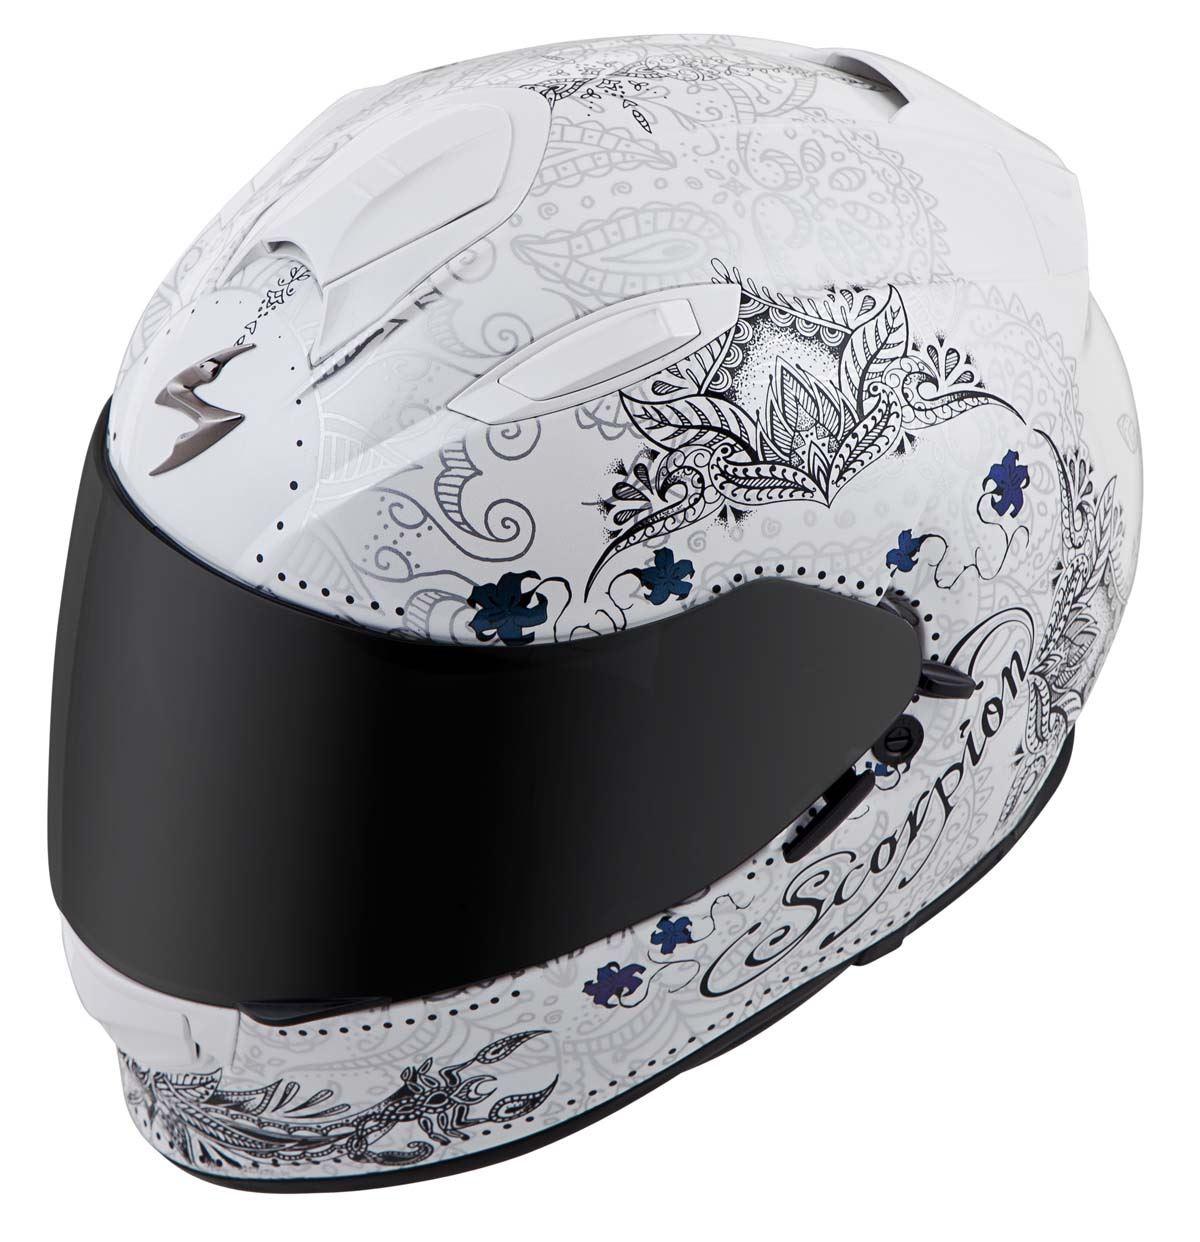 Scorpion-EXO-T510-Helmet-Full-Face-DOT-Approved-Inner-Sun-Shield miniature 74